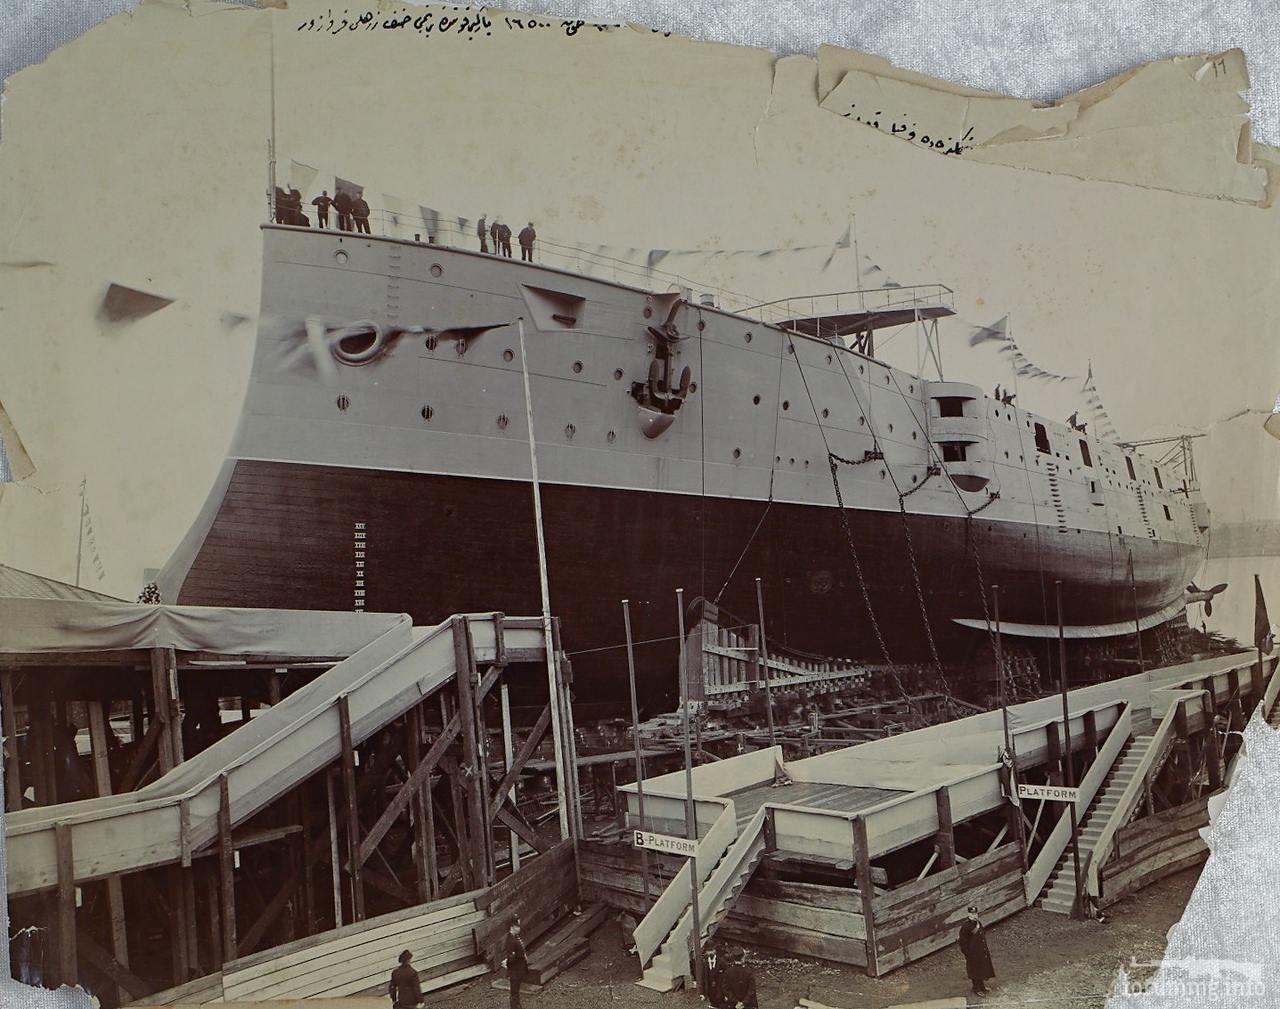 119556 - Спуск на воду крейсера 1-го класса HMS Diadem, 21 октября 1896 г.